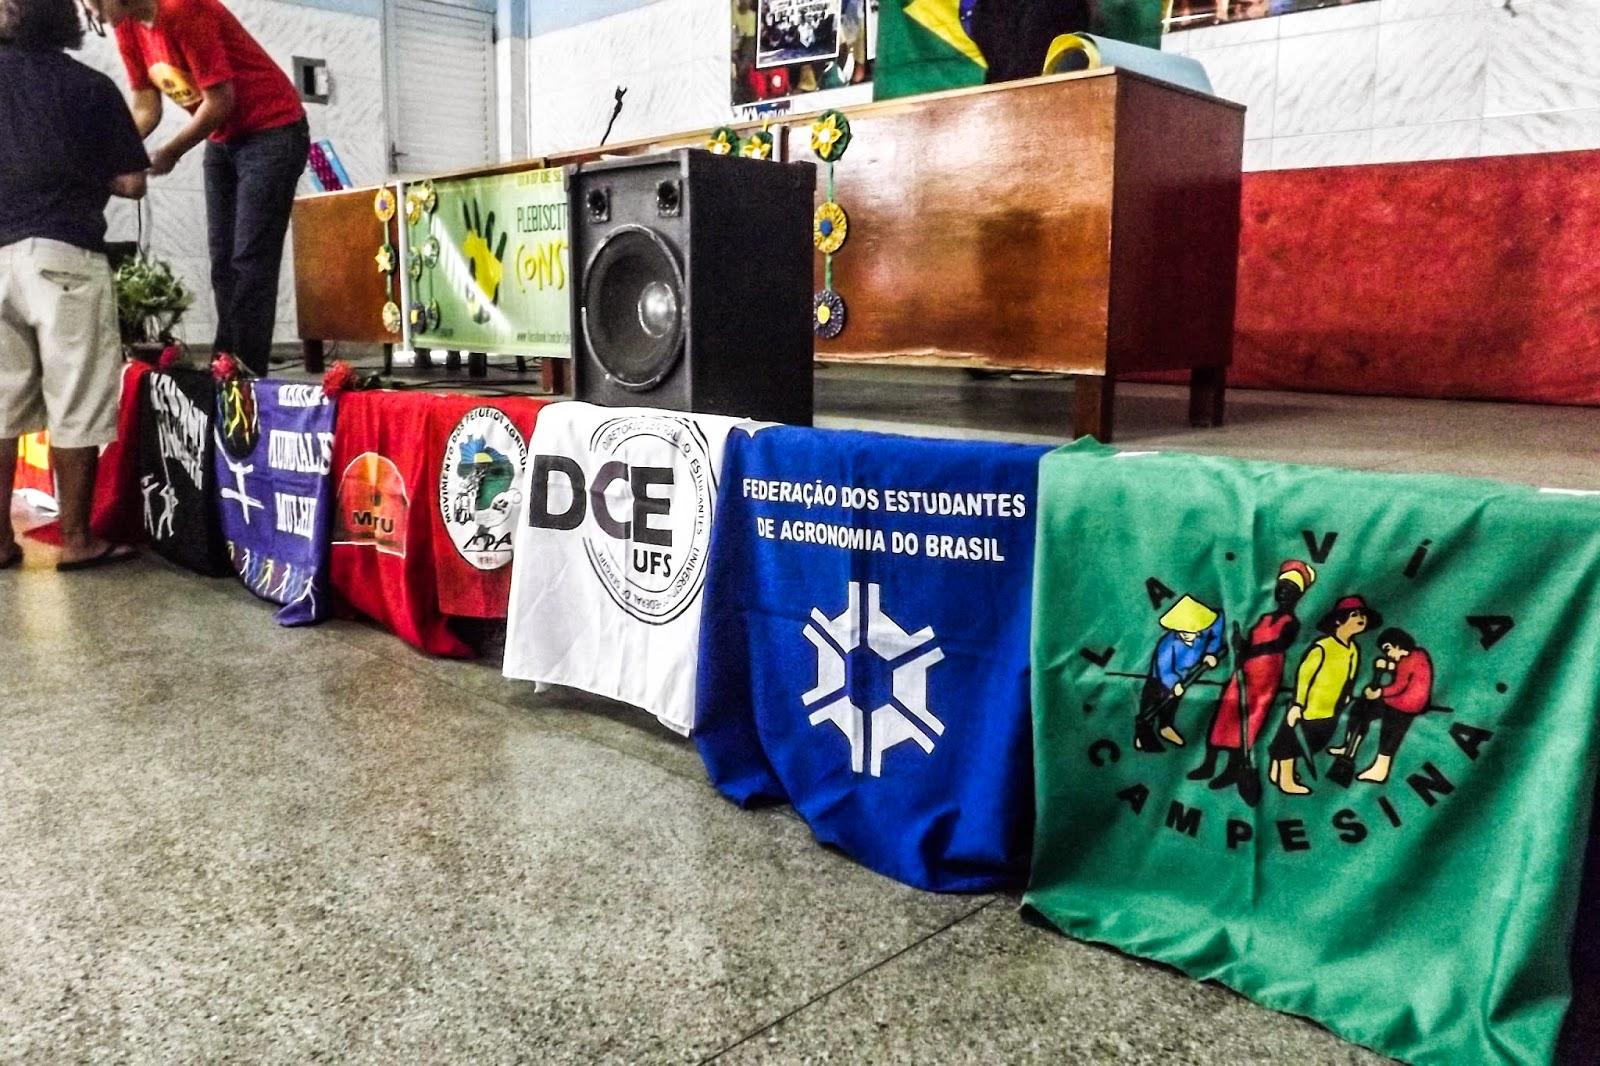 Plebiscito Popular une movimentos sociais, sindicatos e independentes em Aracaju